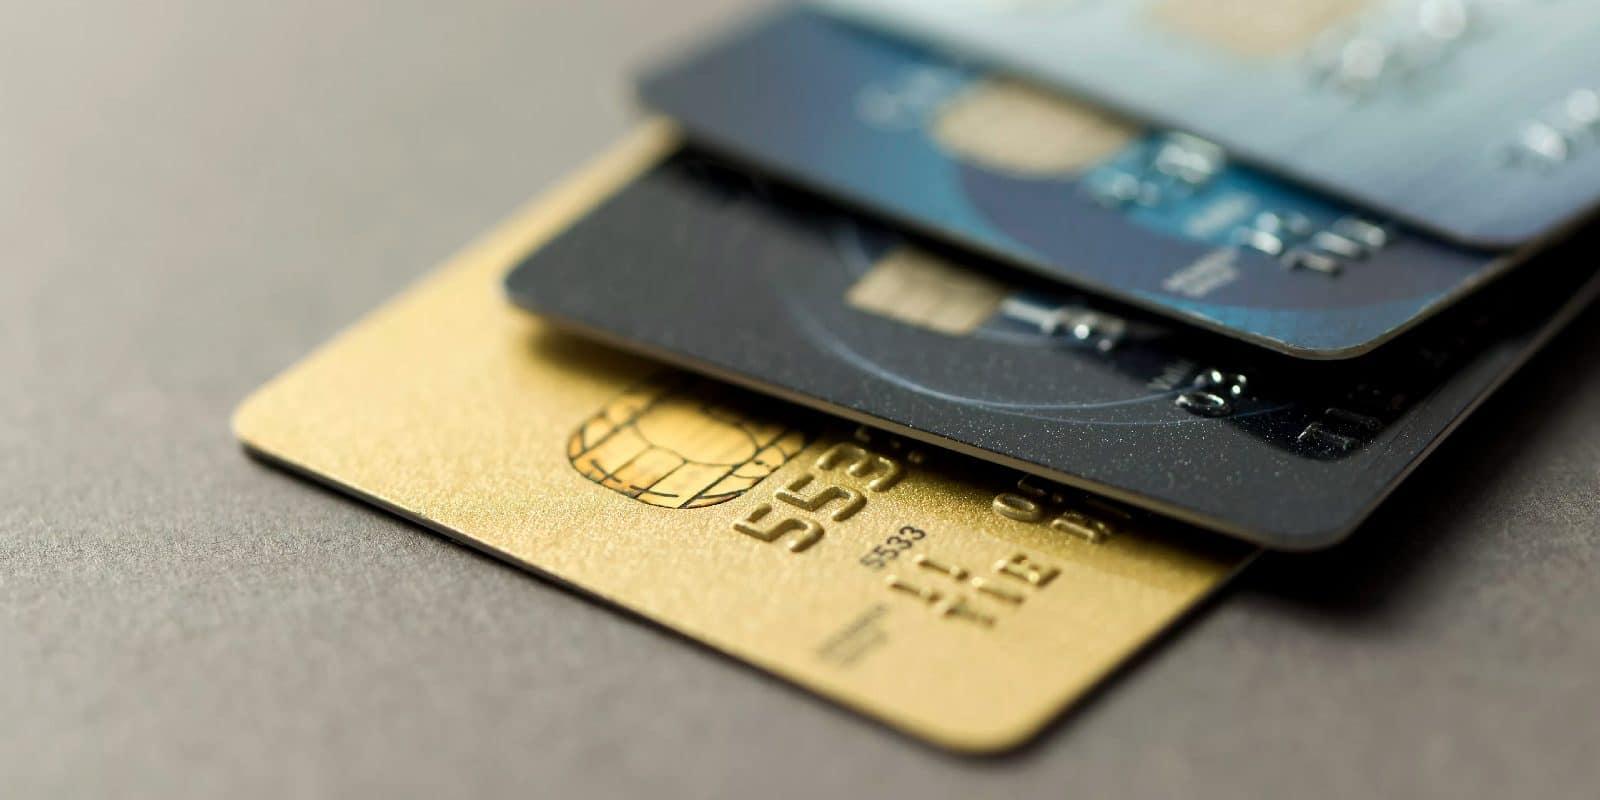 Compras online são alternativa, mas precisam de cuidado (Imagem: Reprodução - Google)